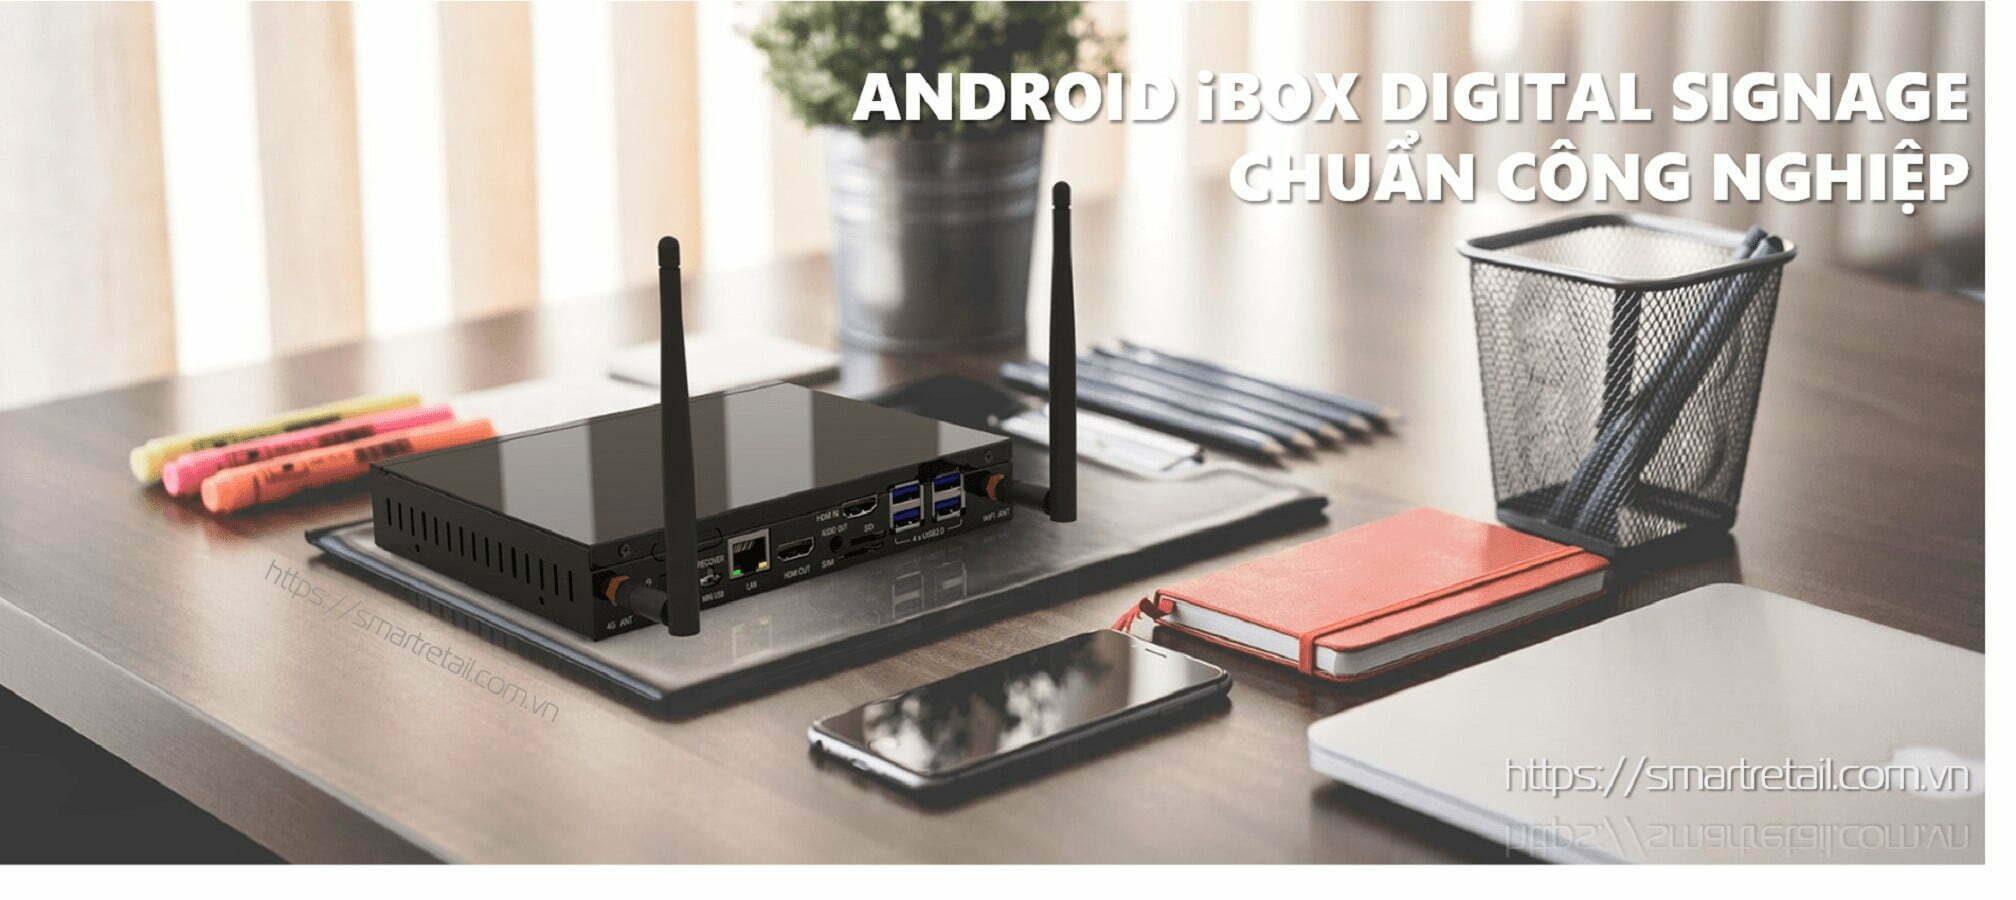 Thiết bị quản lý màn hình tập trung - Android Box Digital Signage